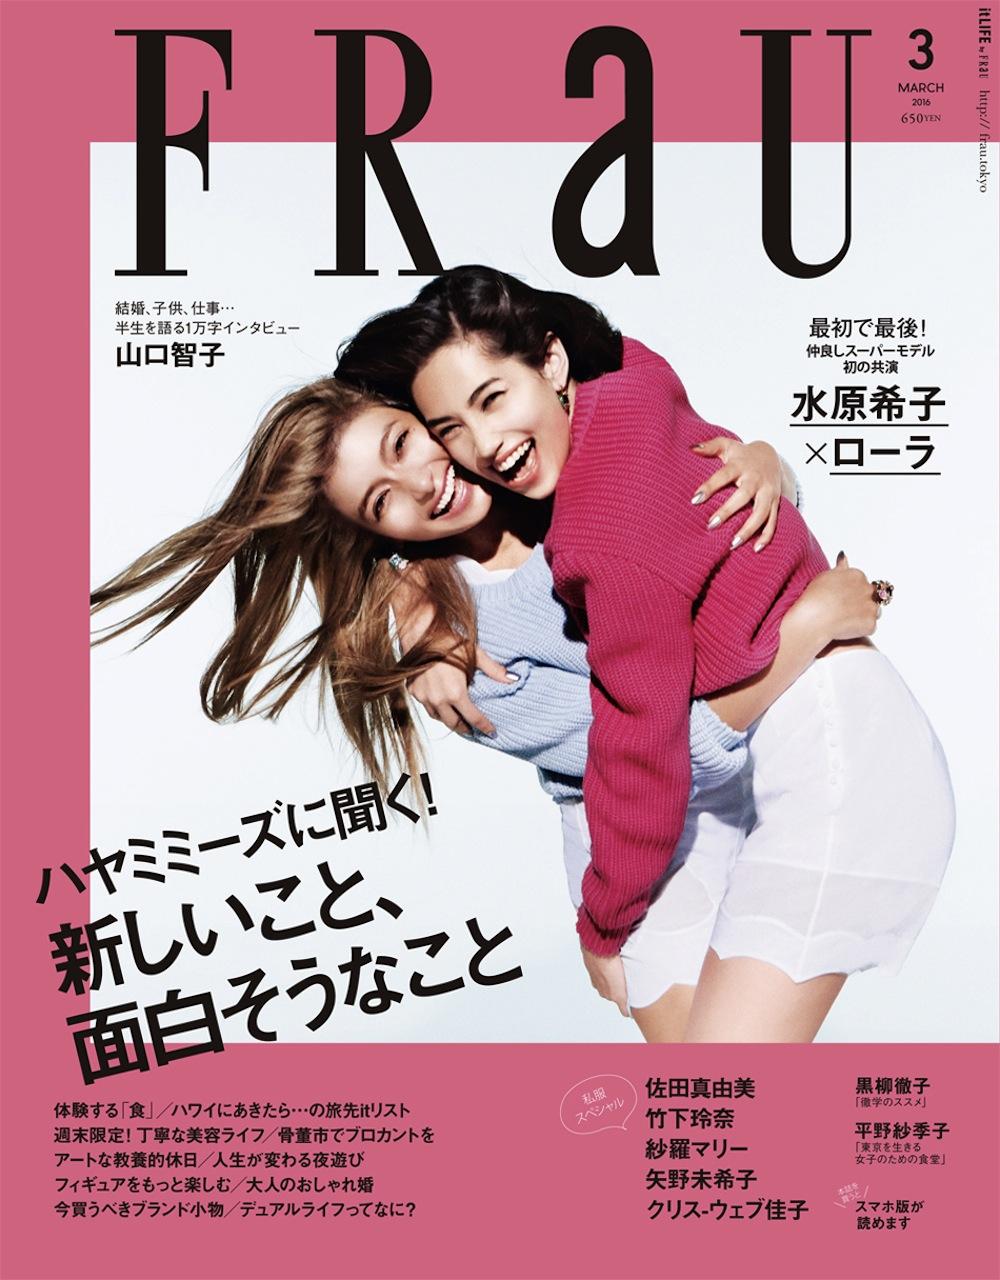 水原希子-ローラFRaU3月号表紙